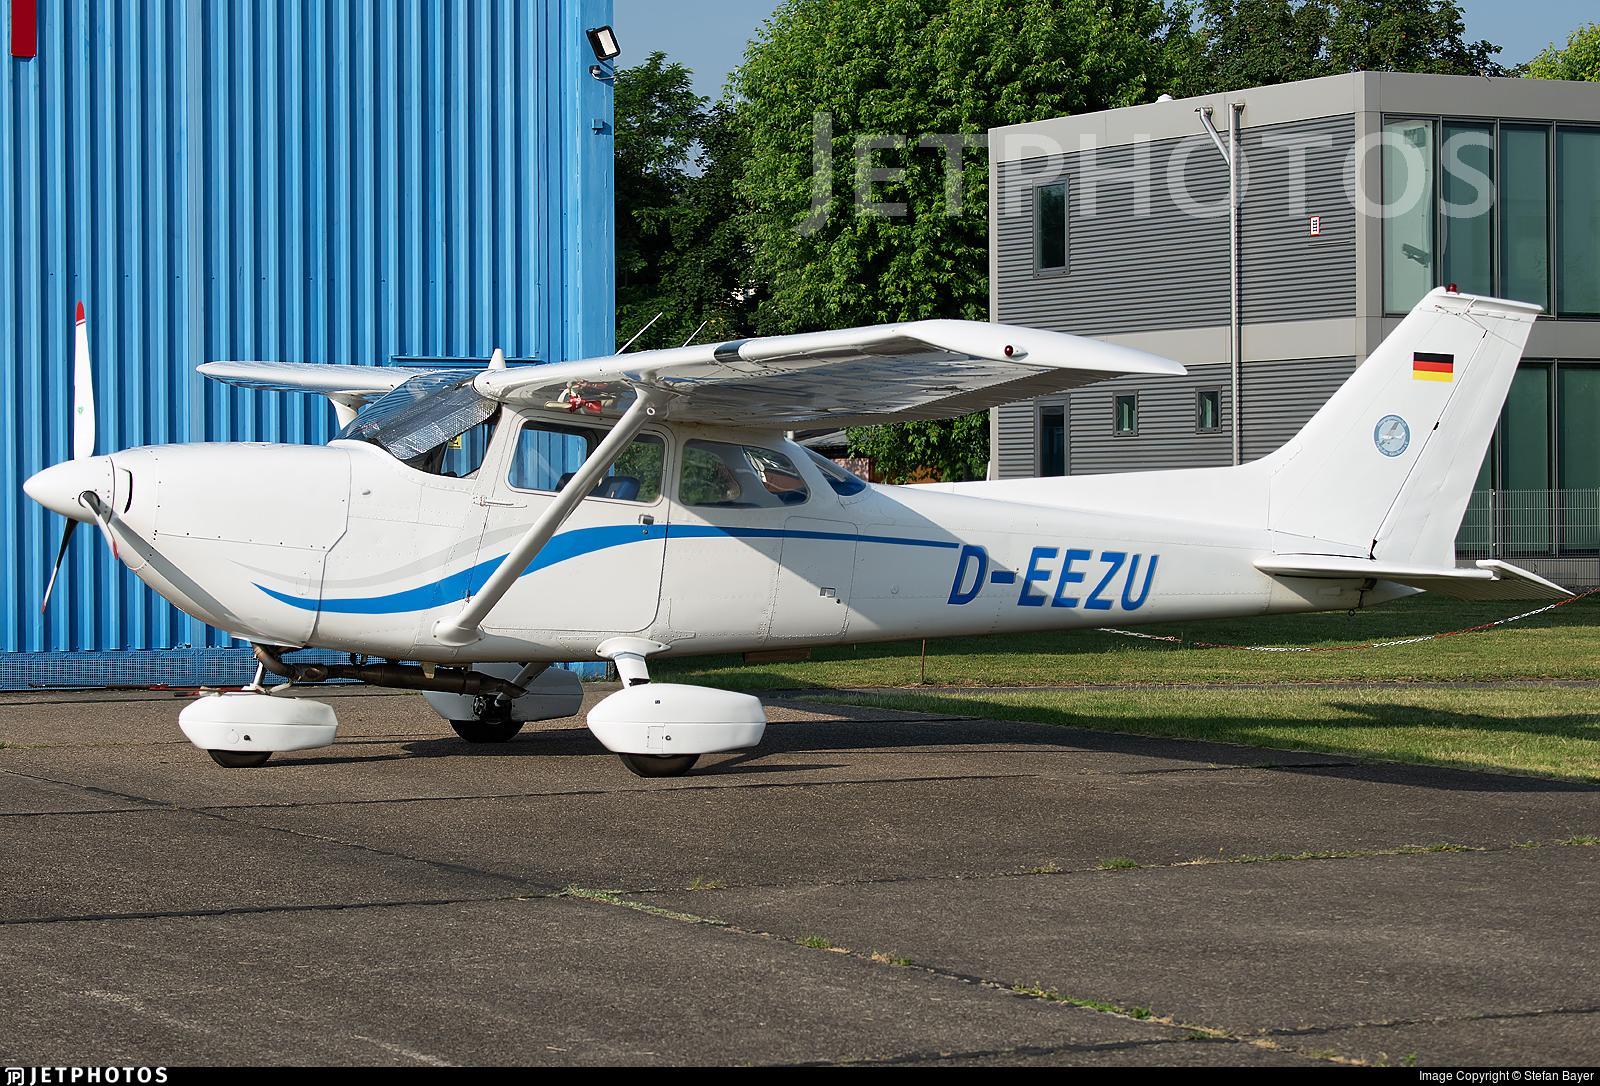 D-EEZU - Reims-Cessna FR172H Reims Rocket - Fliegergemeinschaft Flughafen Köln/Bonn